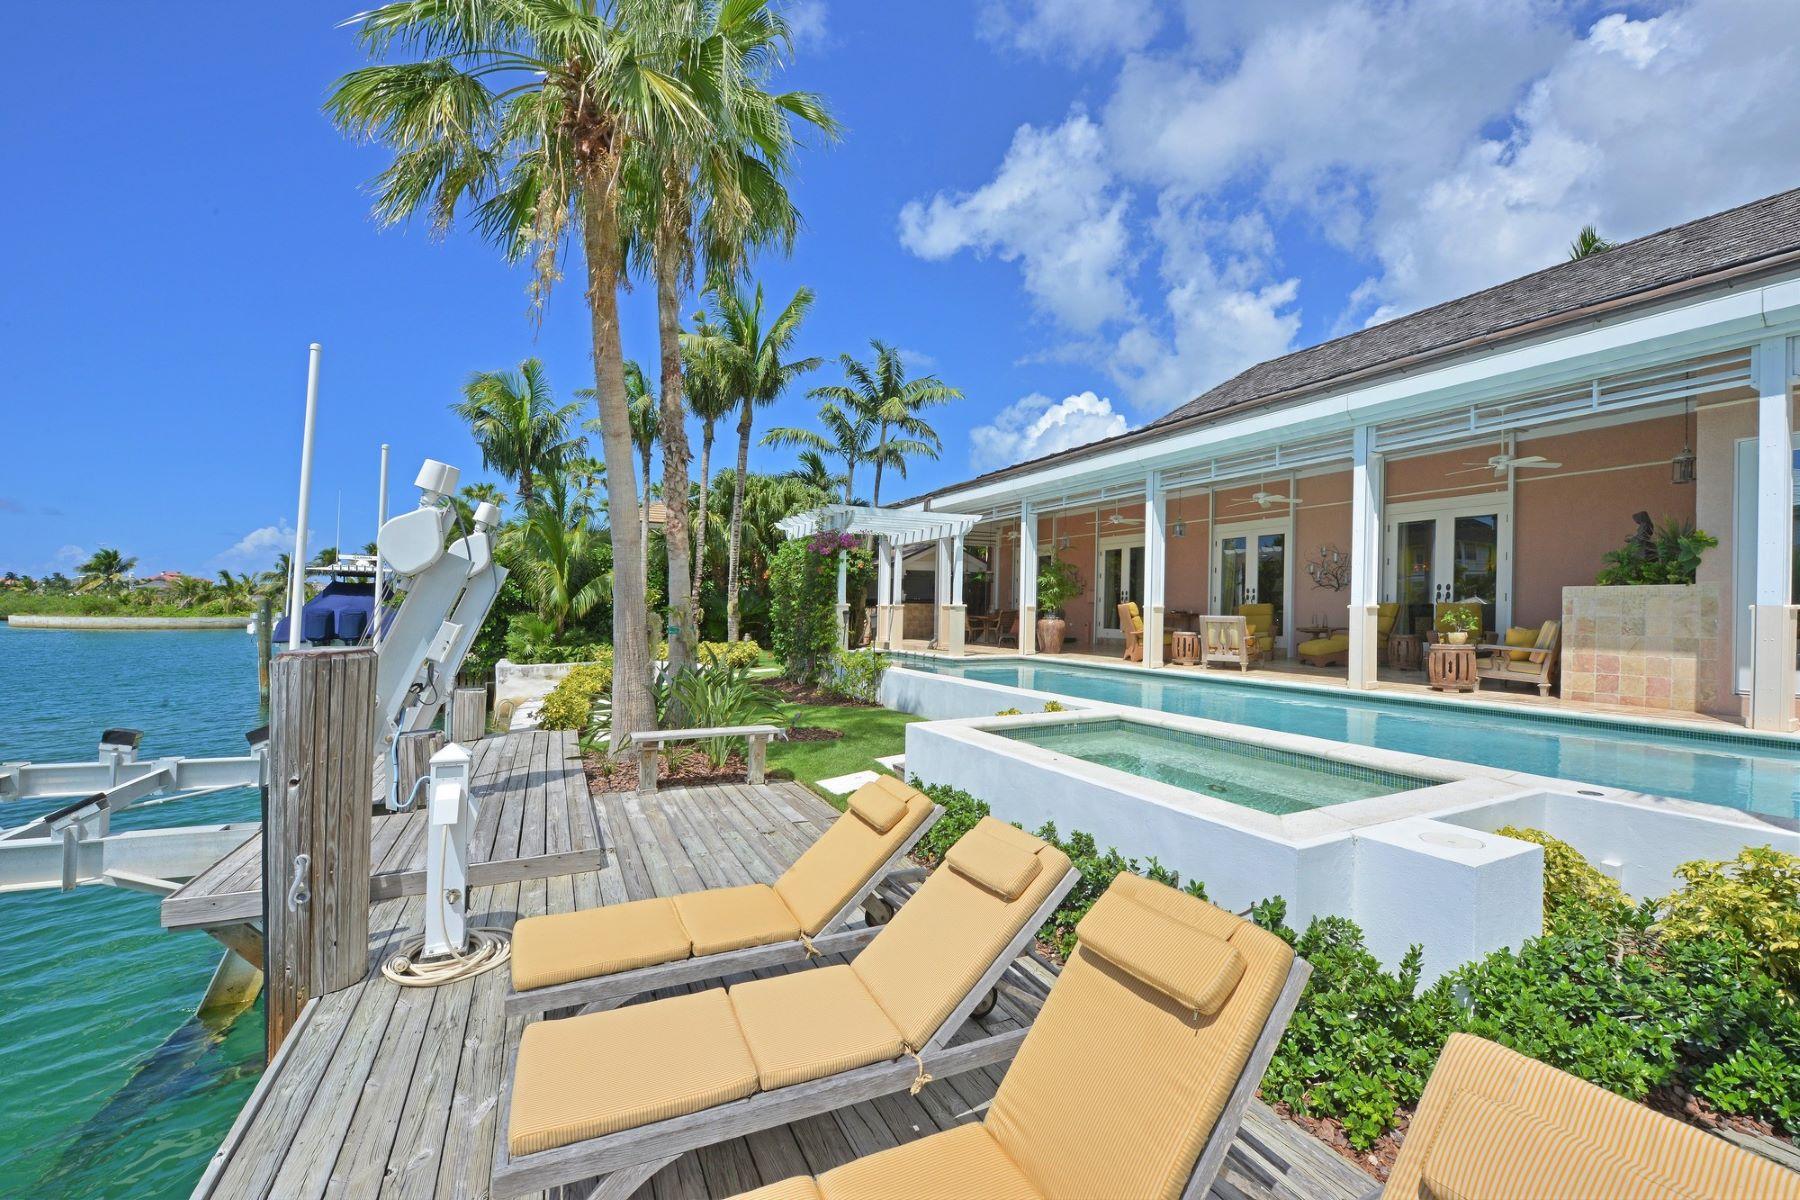 独户住宅 为 销售 在 8 Beach Island Islands At Old Fort Bay, 旧福特湾, 新普罗维登斯/拿骚 巴哈马